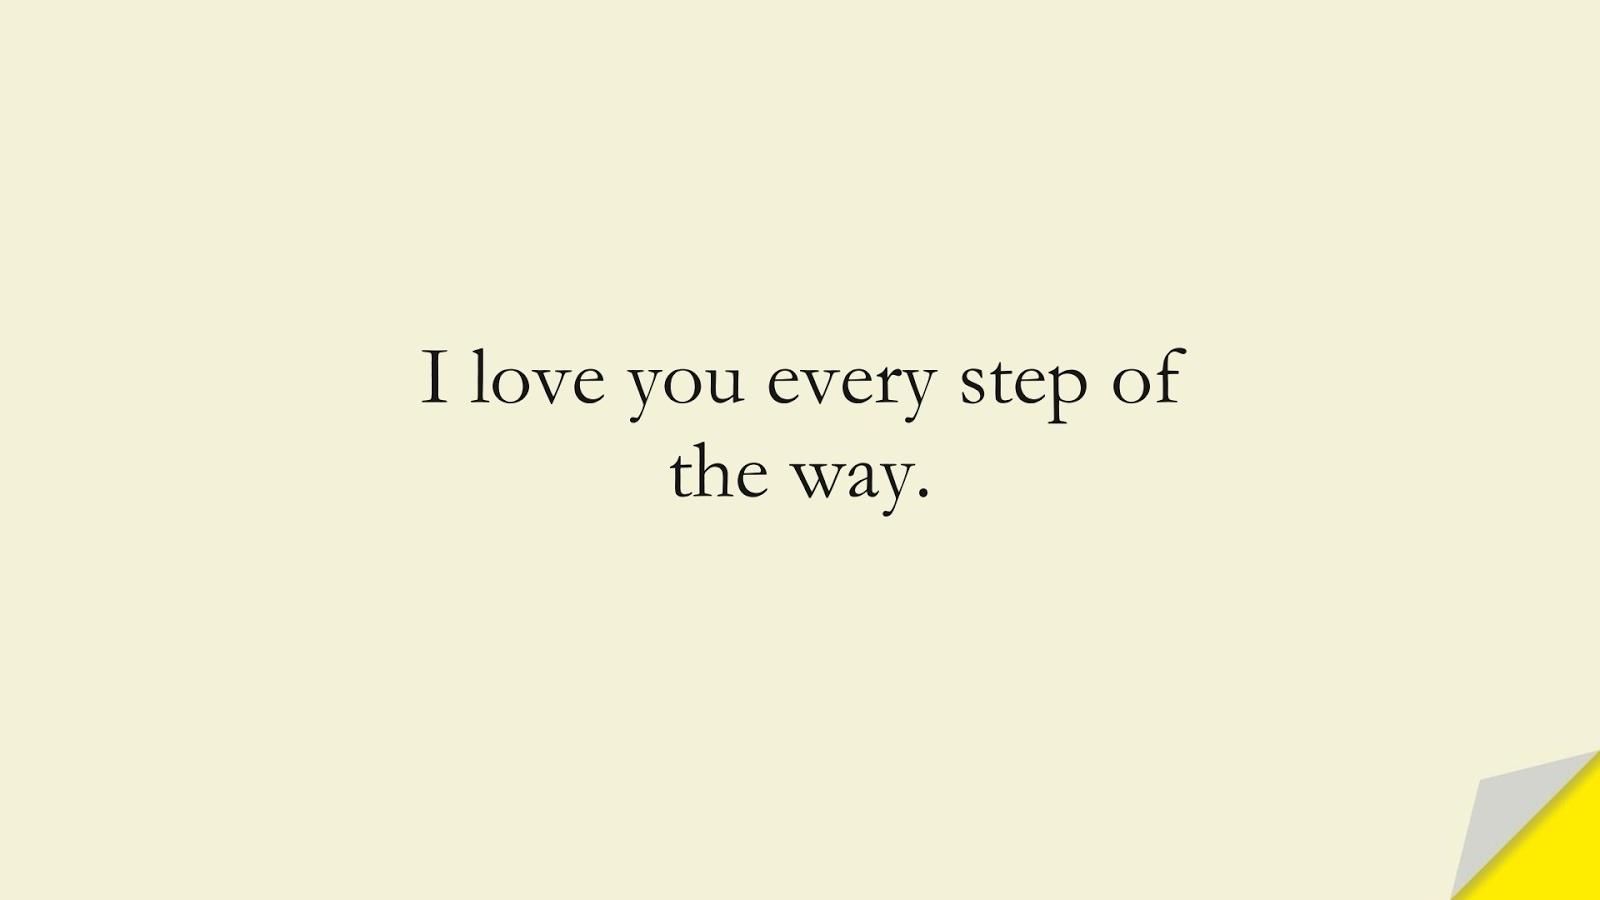 I love you every step of the way.FALSE